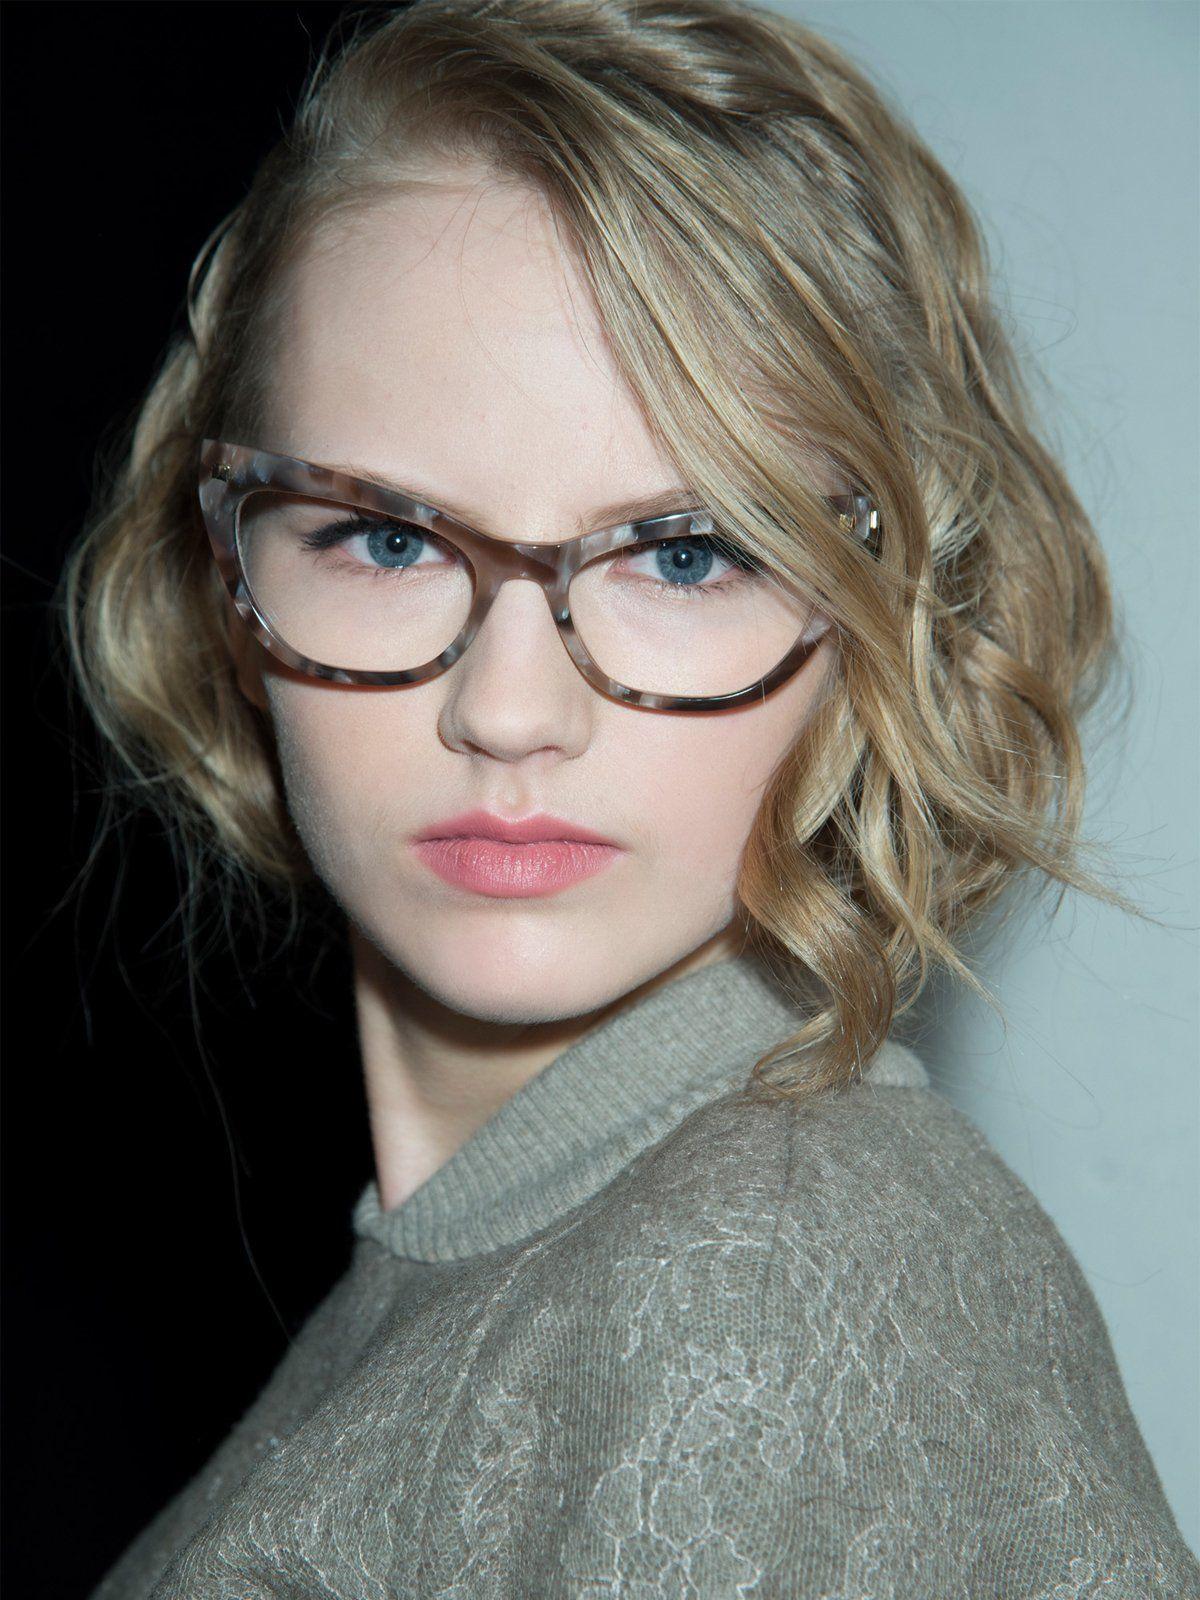 Lockige Frisur Mit Brille Accessoires Frisuren Mit Brille